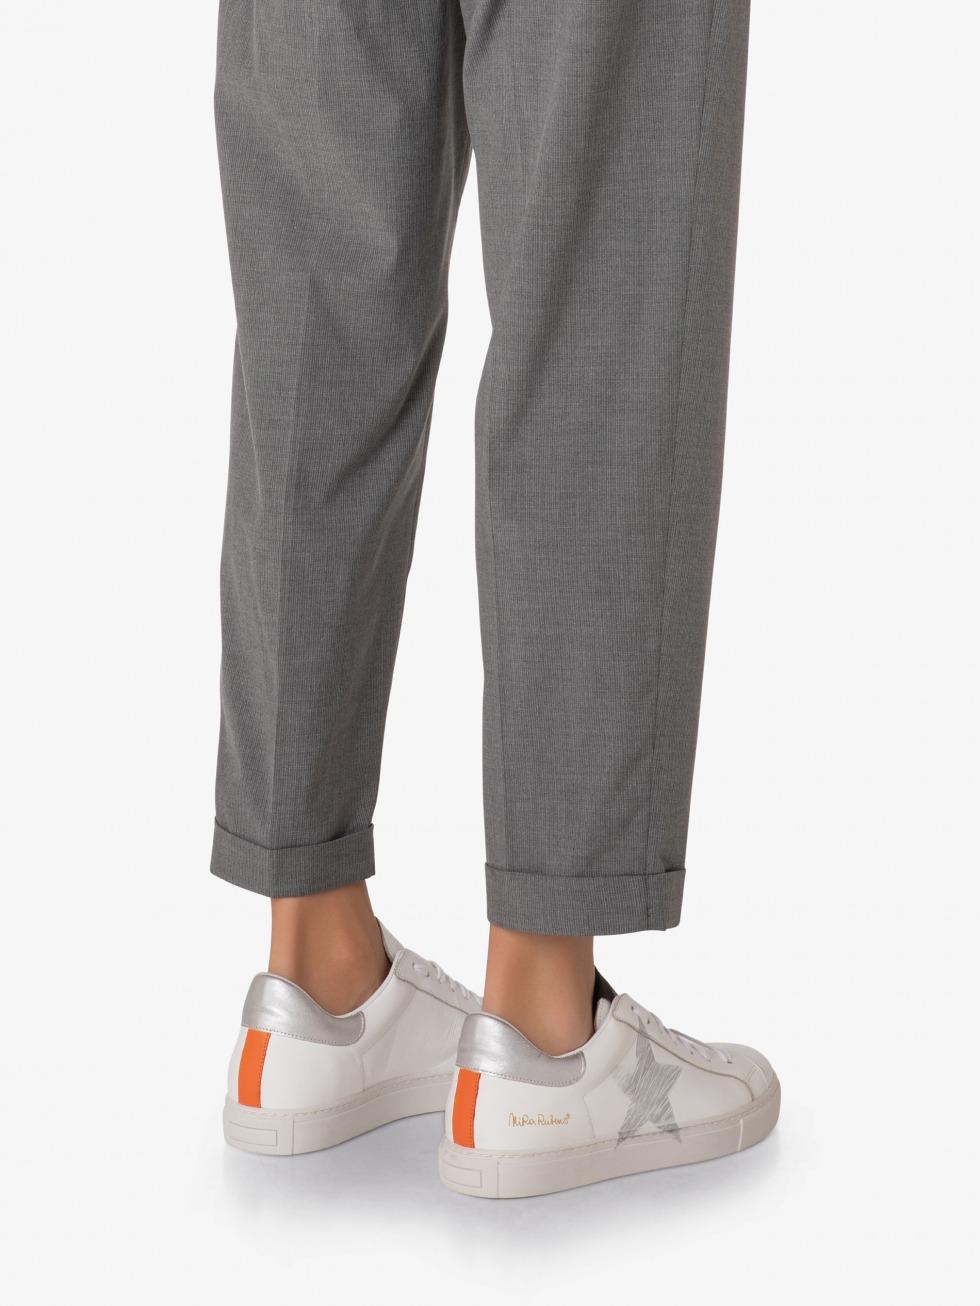 Martini M Sneakers - Orange Silver Star